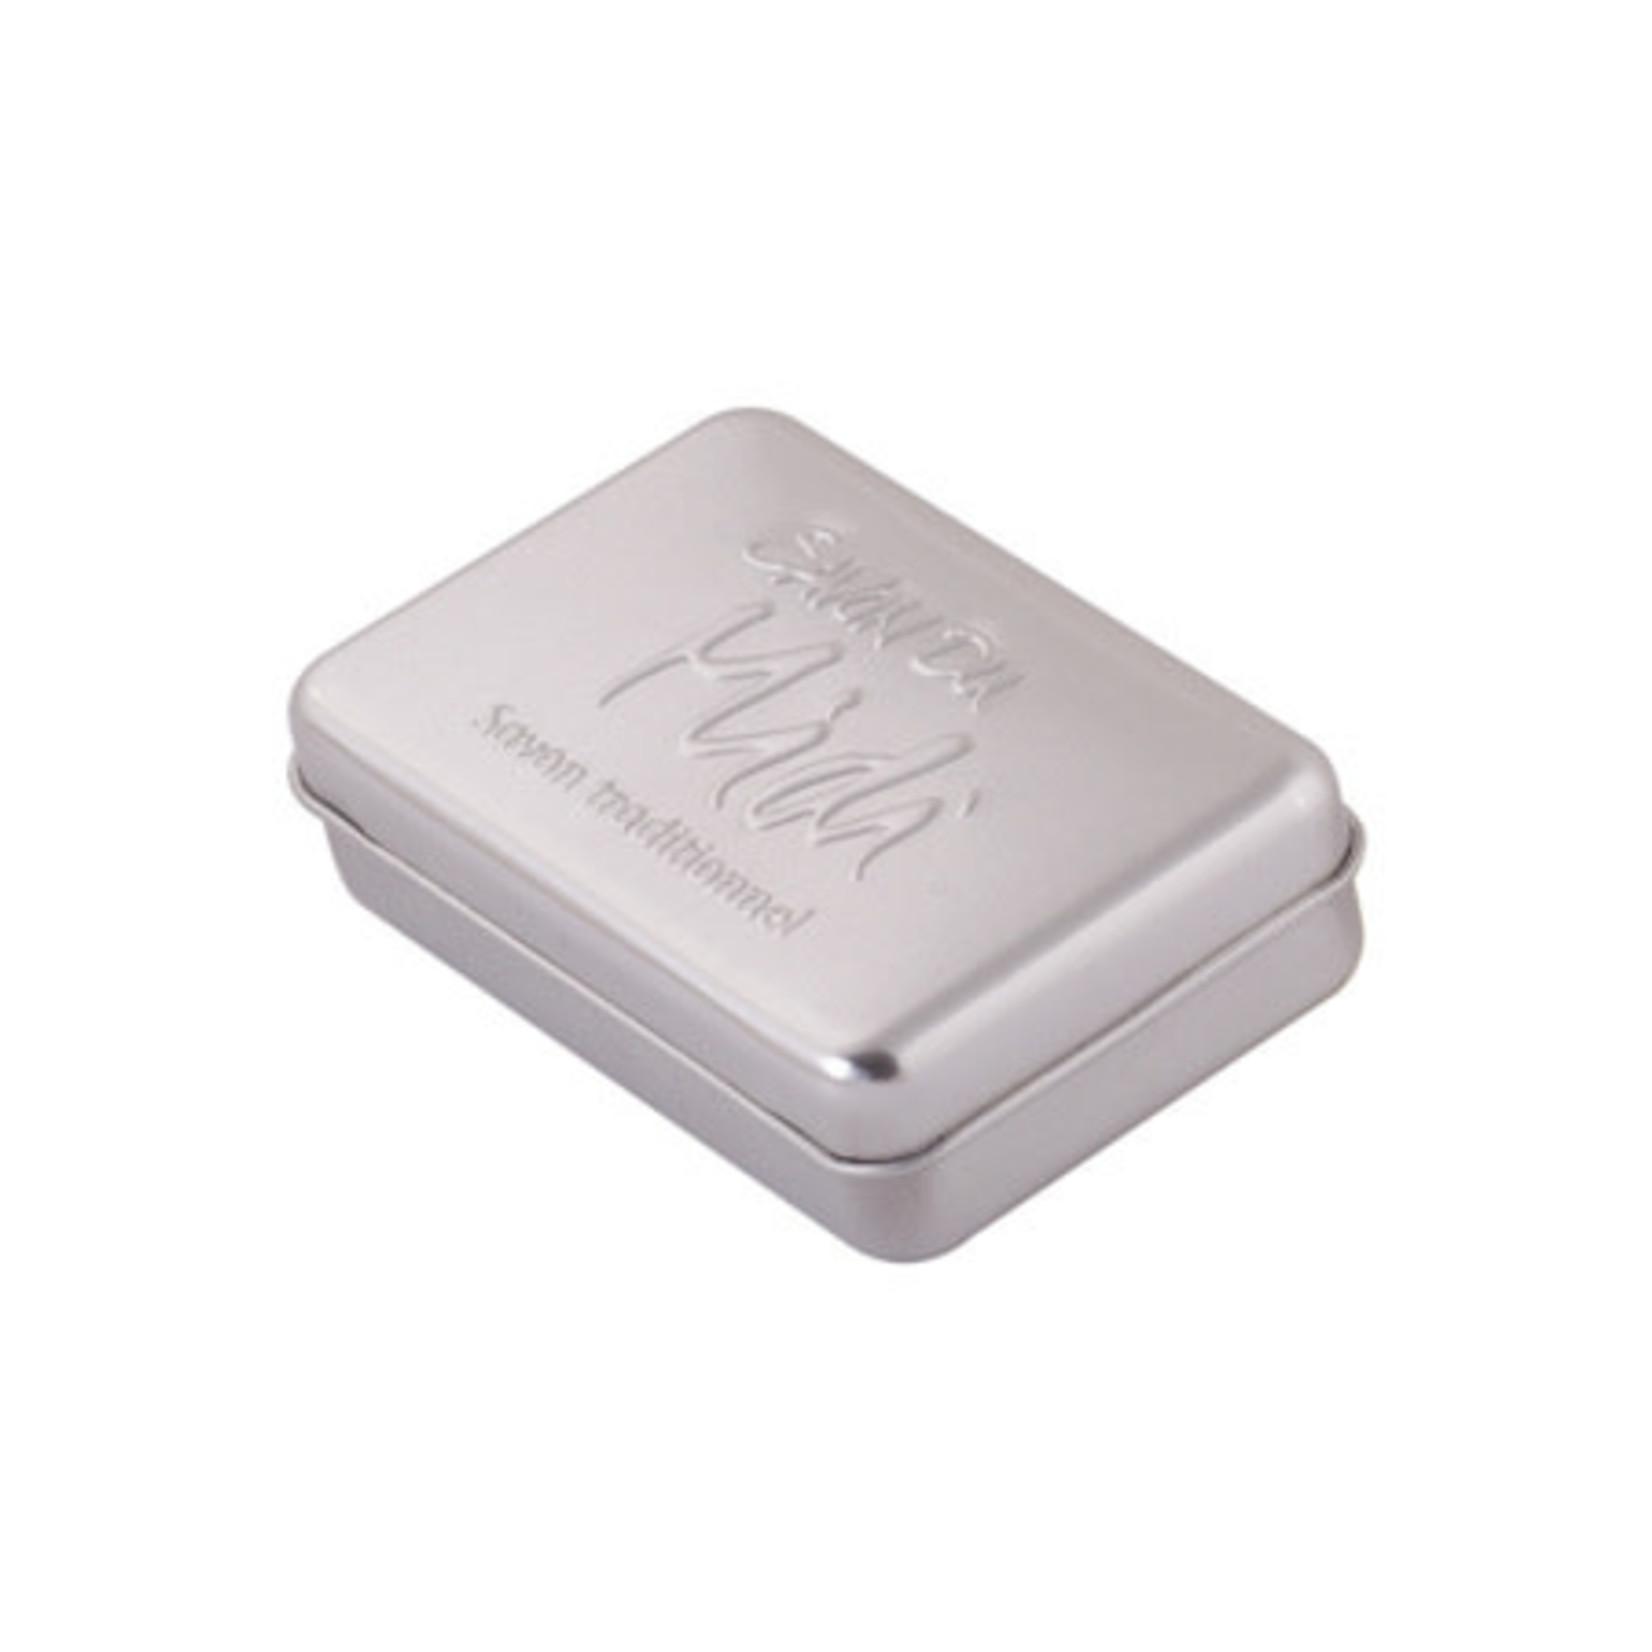 BURSTENHAUS REDECKER SOAP BOX